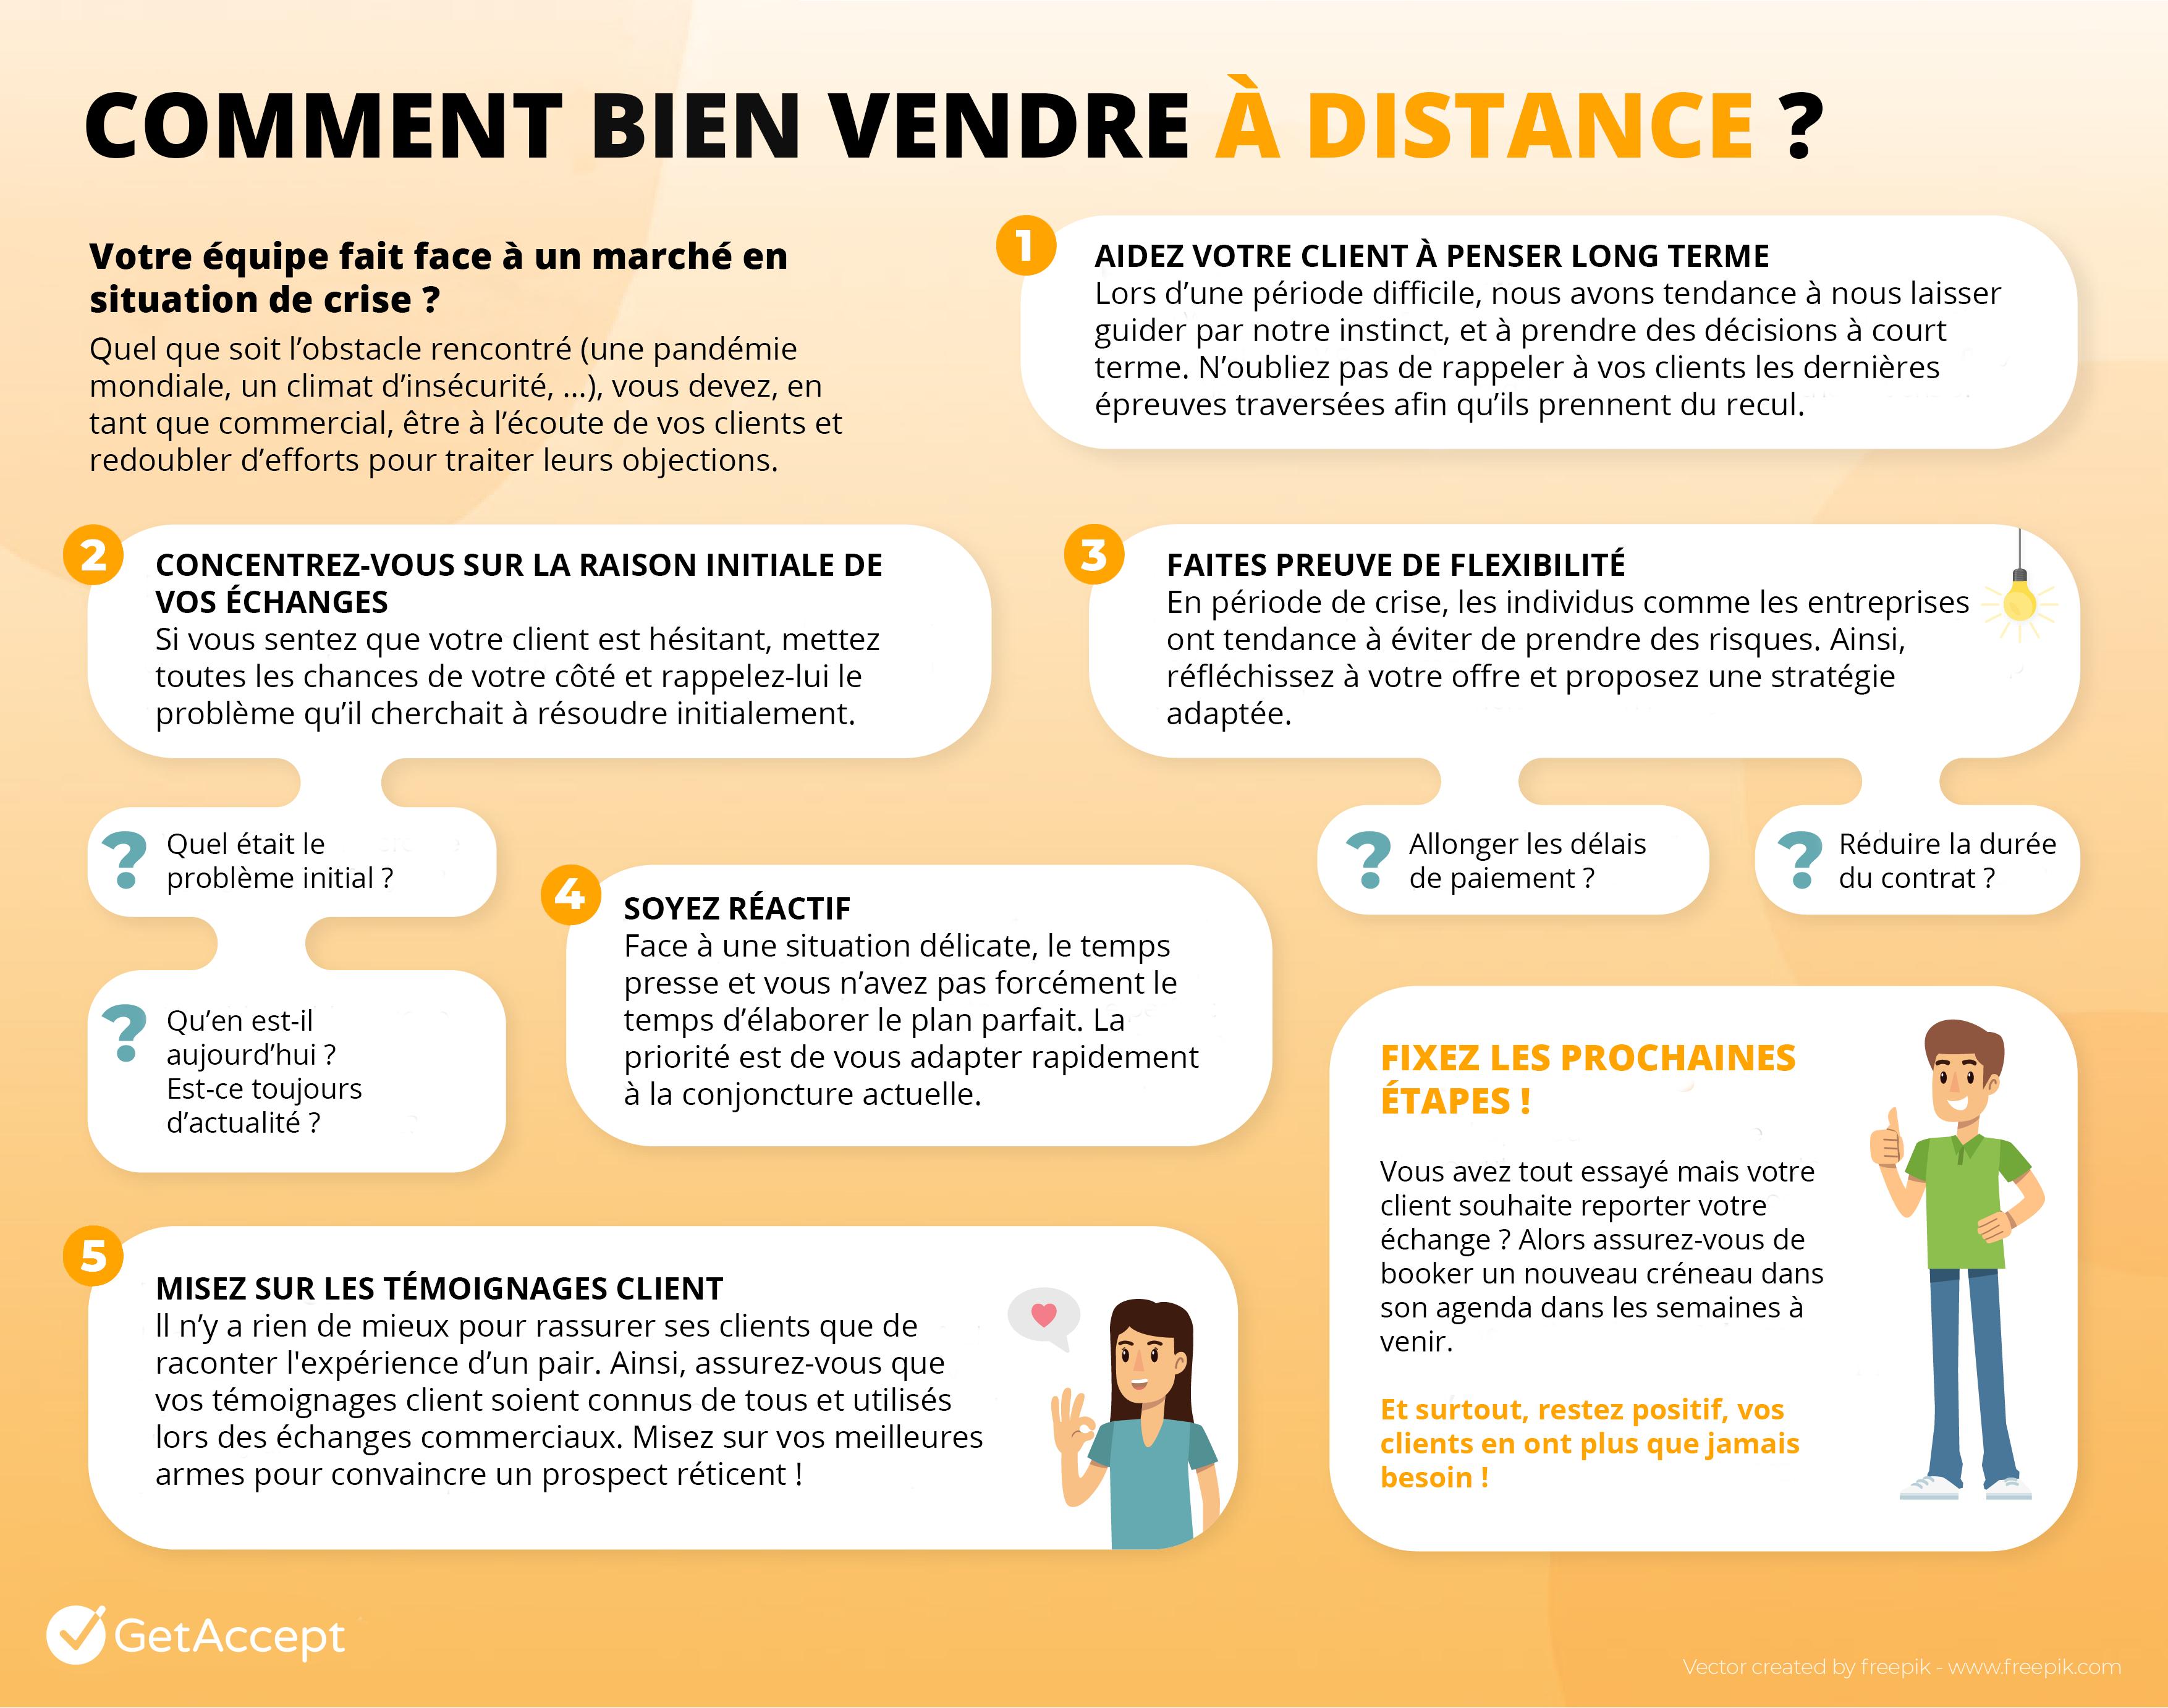 Infographie-GetAccept-bien-vendre-a-distance-2